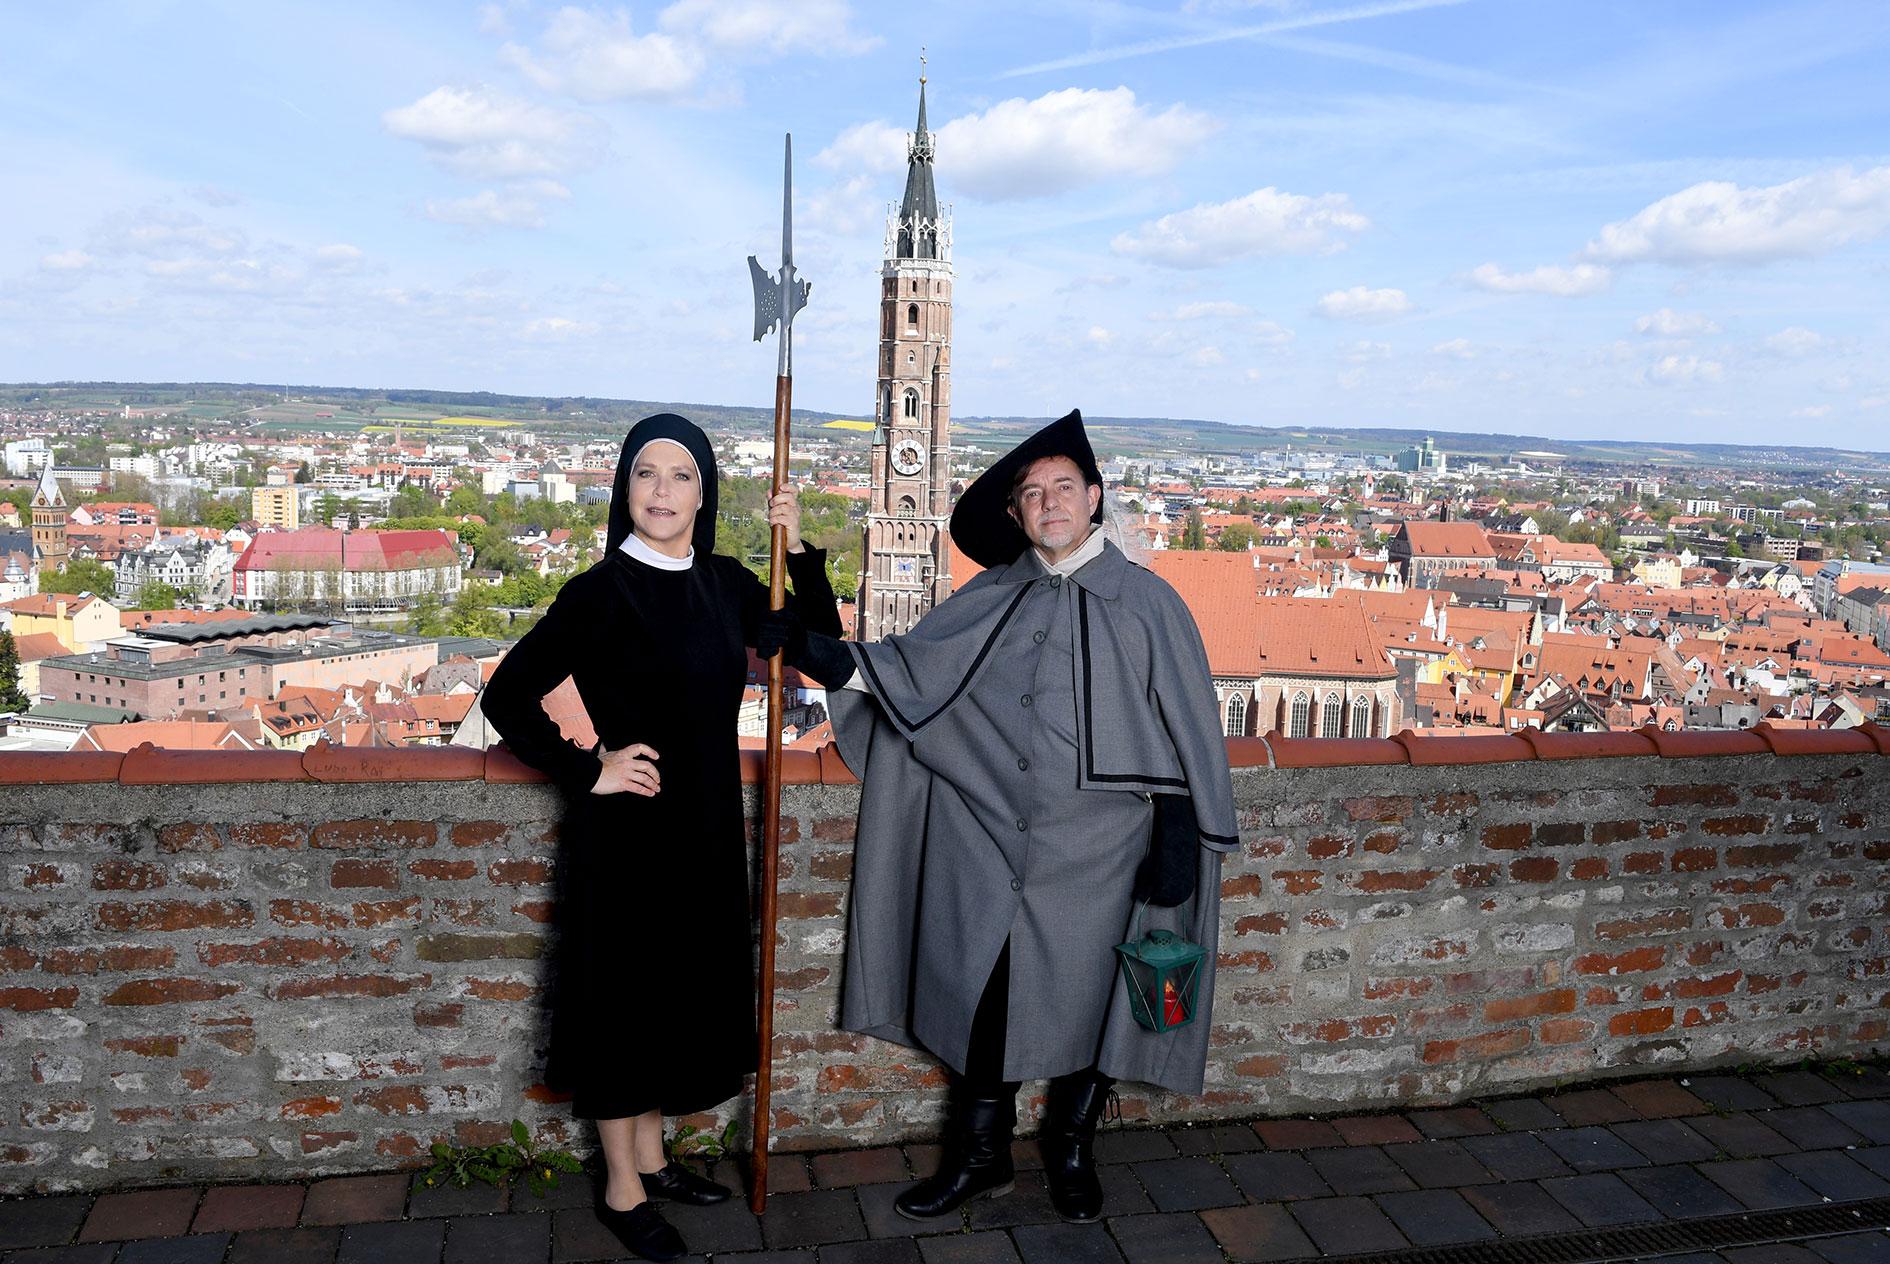 Deutschlands bekannteste TV-Nonne Janina Hartwig führt ab Mittwoch online durch Landshut – und freut sich jetzt schon auf ein Live-Treffen mit den Preisträgern des Gewinnspiels zum Stadtspaziergang